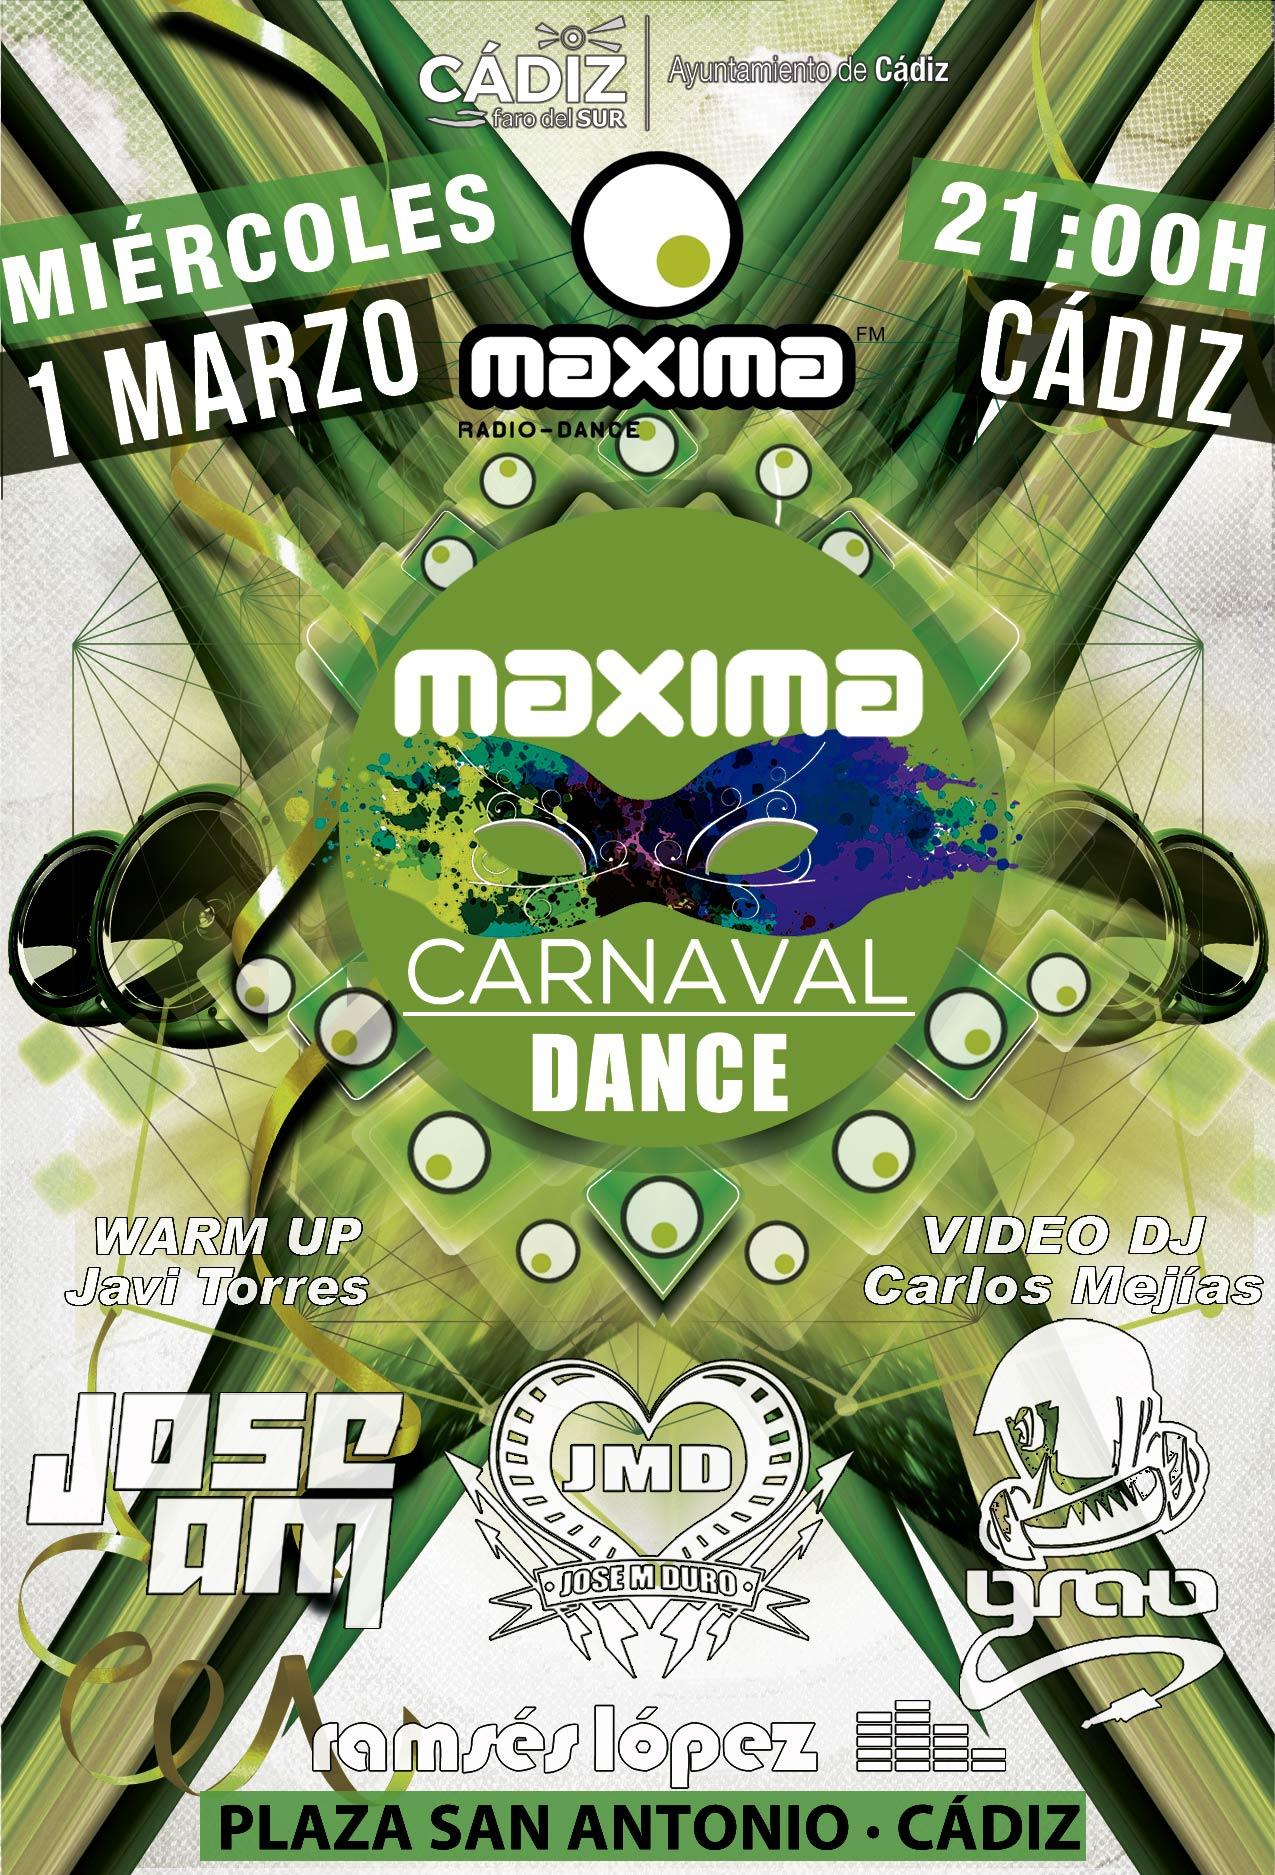 El Carnaval de Cádiz 2017 al ritmo de MaximaFM